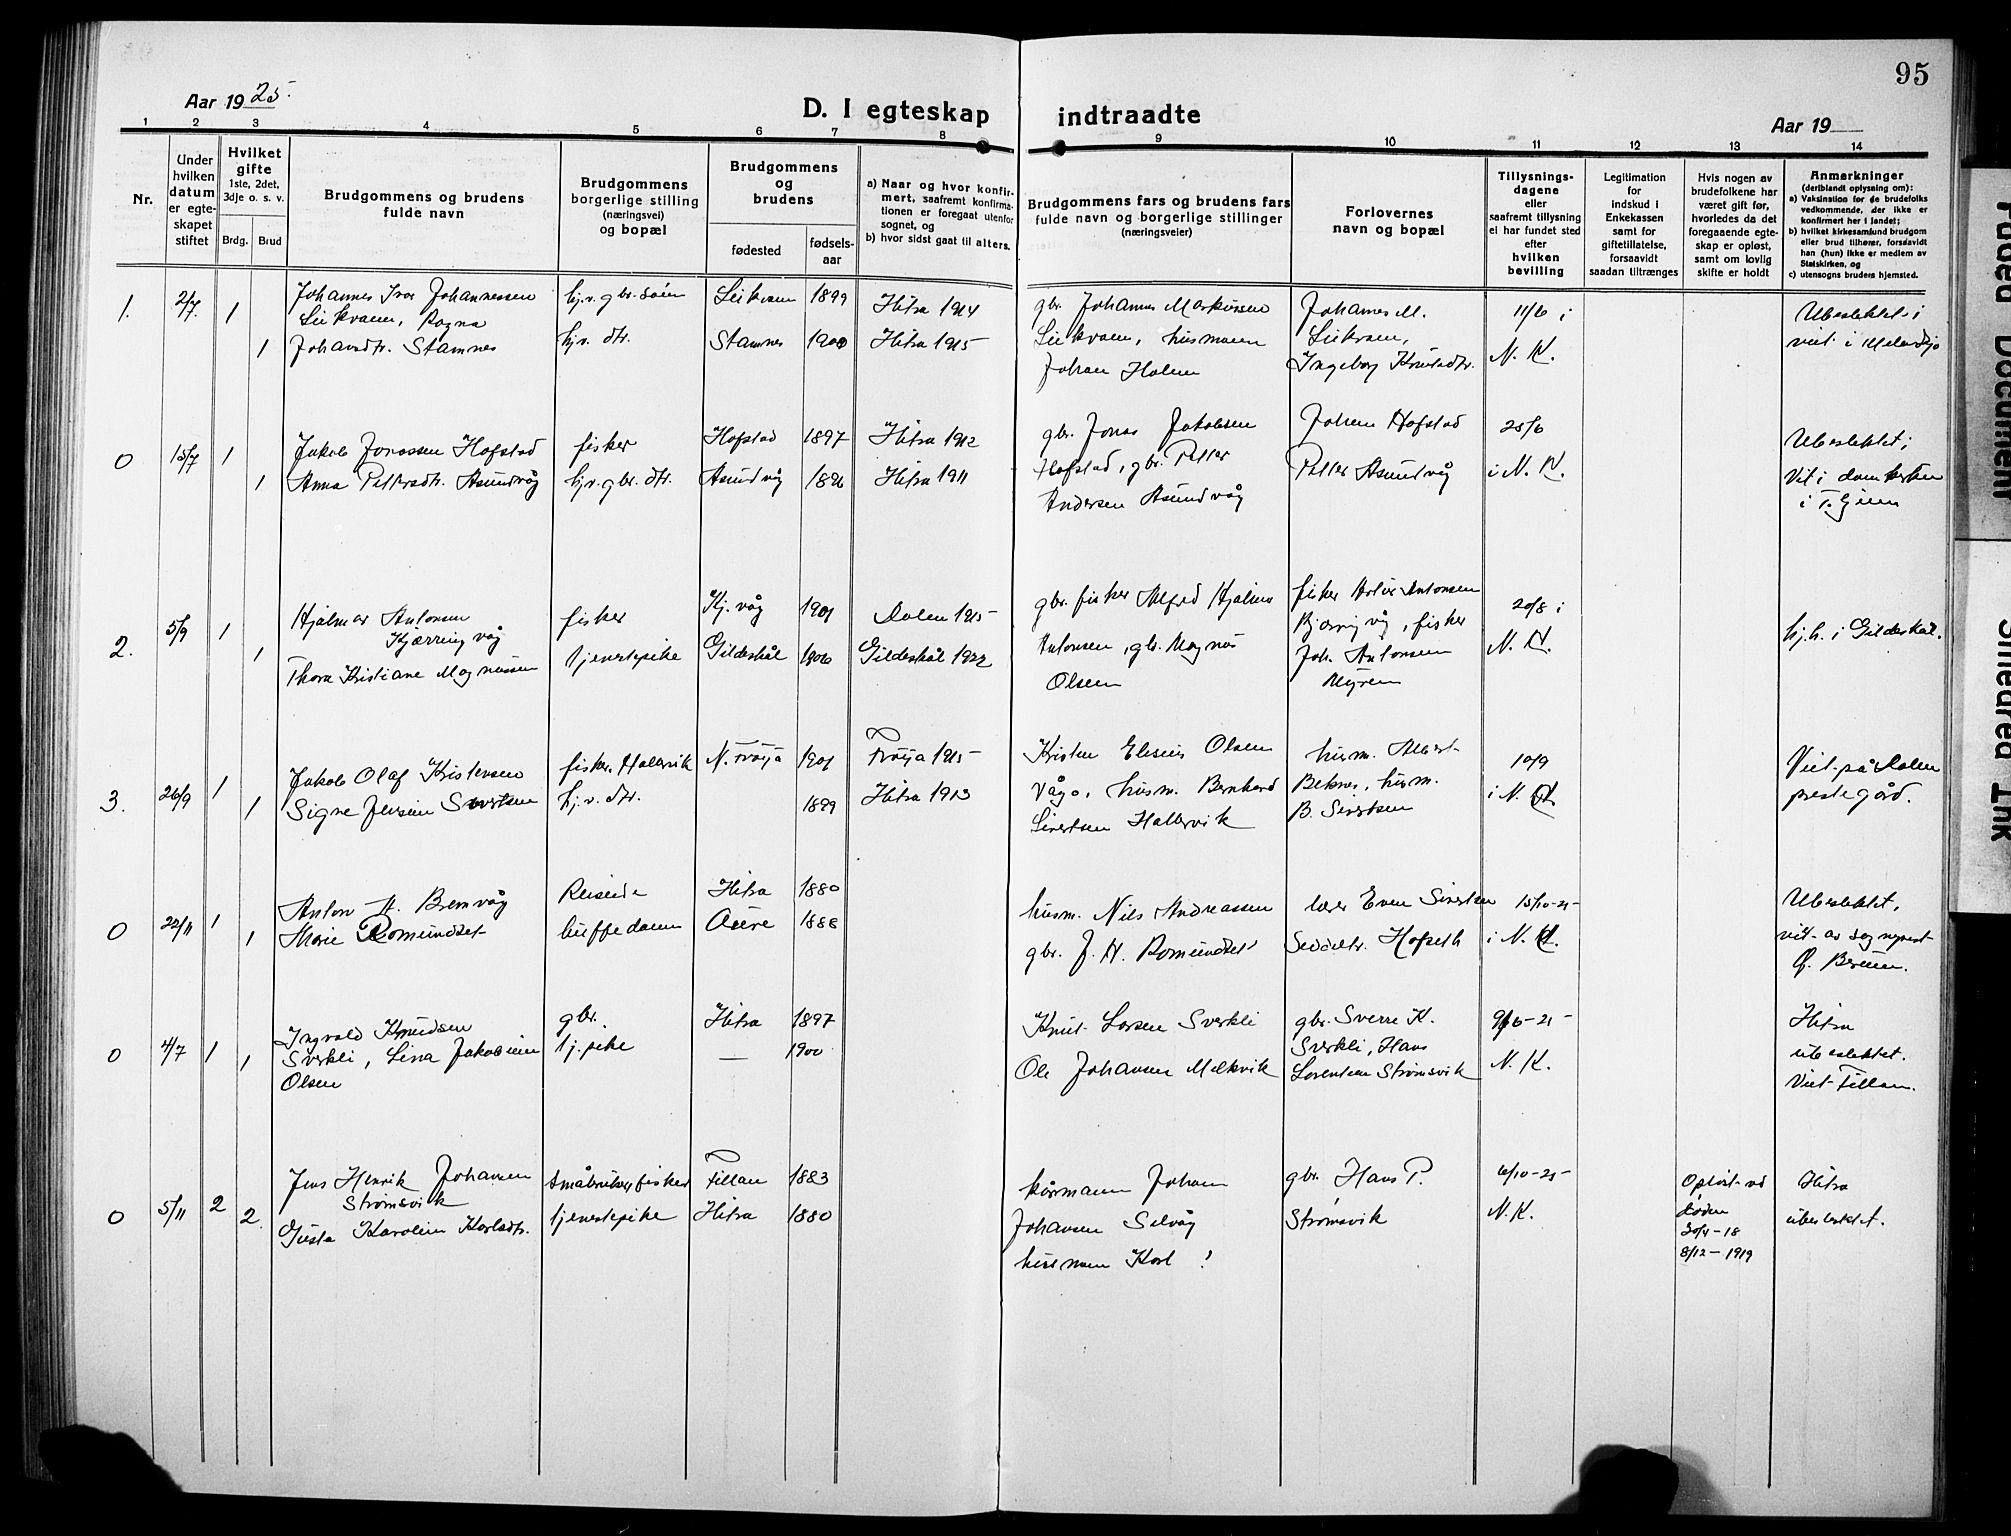 SAT, Ministerialprotokoller, klokkerbøker og fødselsregistre - Sør-Trøndelag, 634/L0543: Klokkerbok nr. 634C05, 1917-1928, s. 95